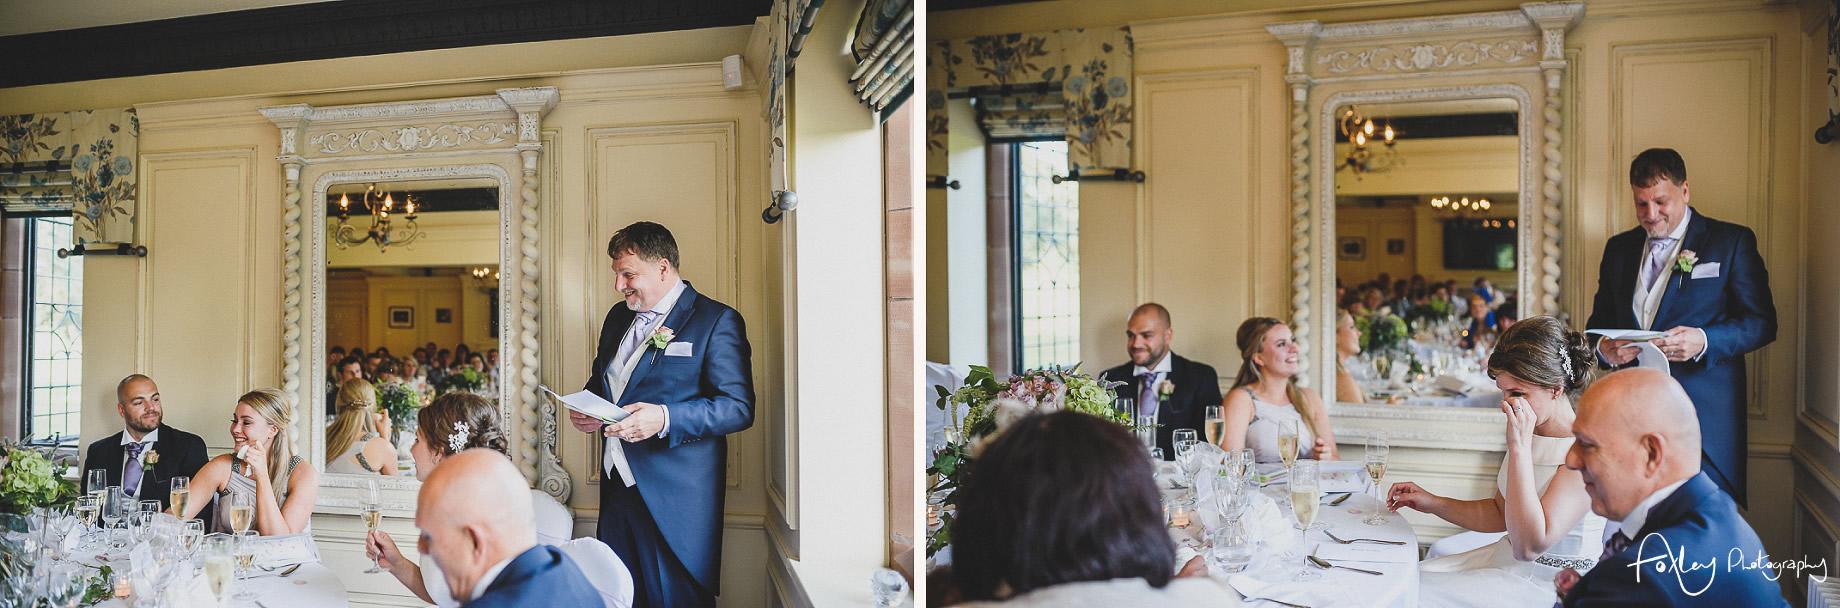 Simona-and-Robert-Wedding-at-Colshaw-Hall-126